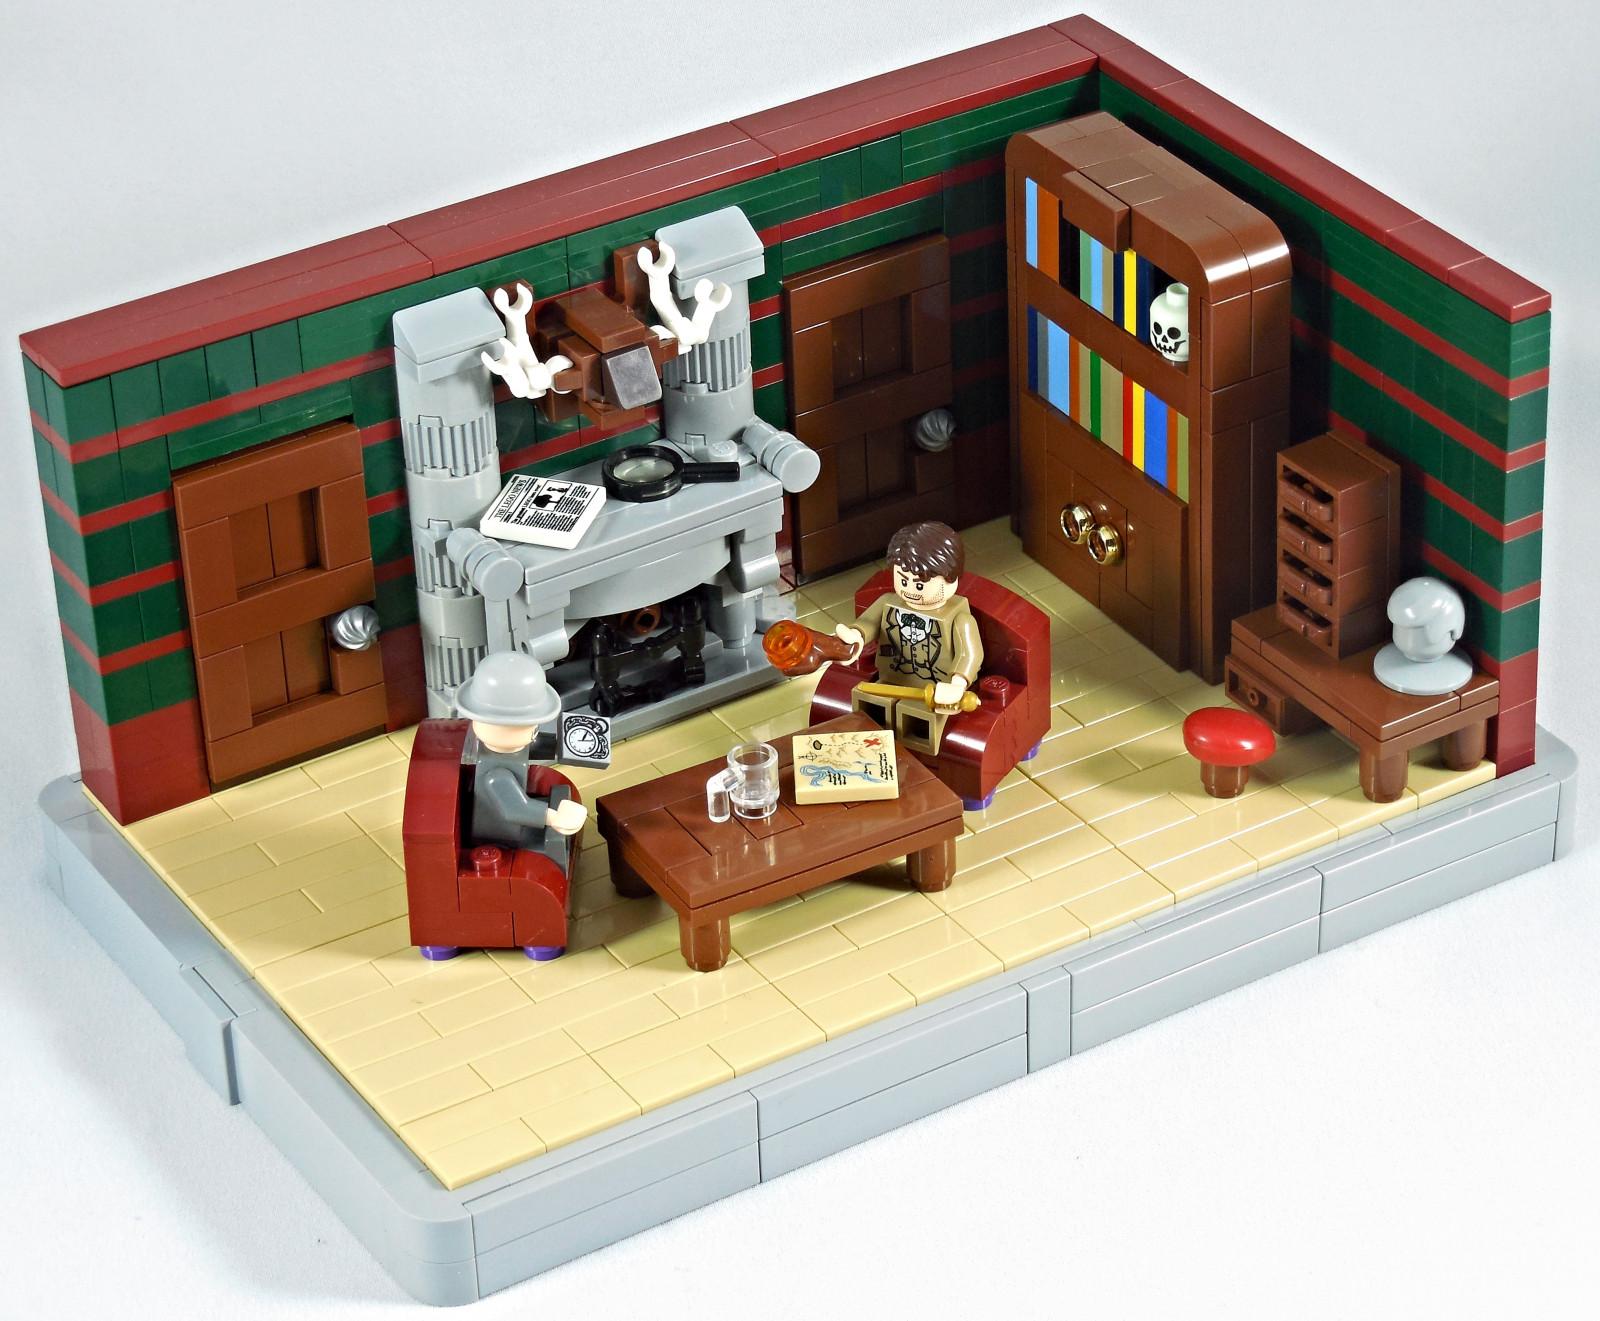 Hintergrundbilder innere haus lego spielzeug for Innere design